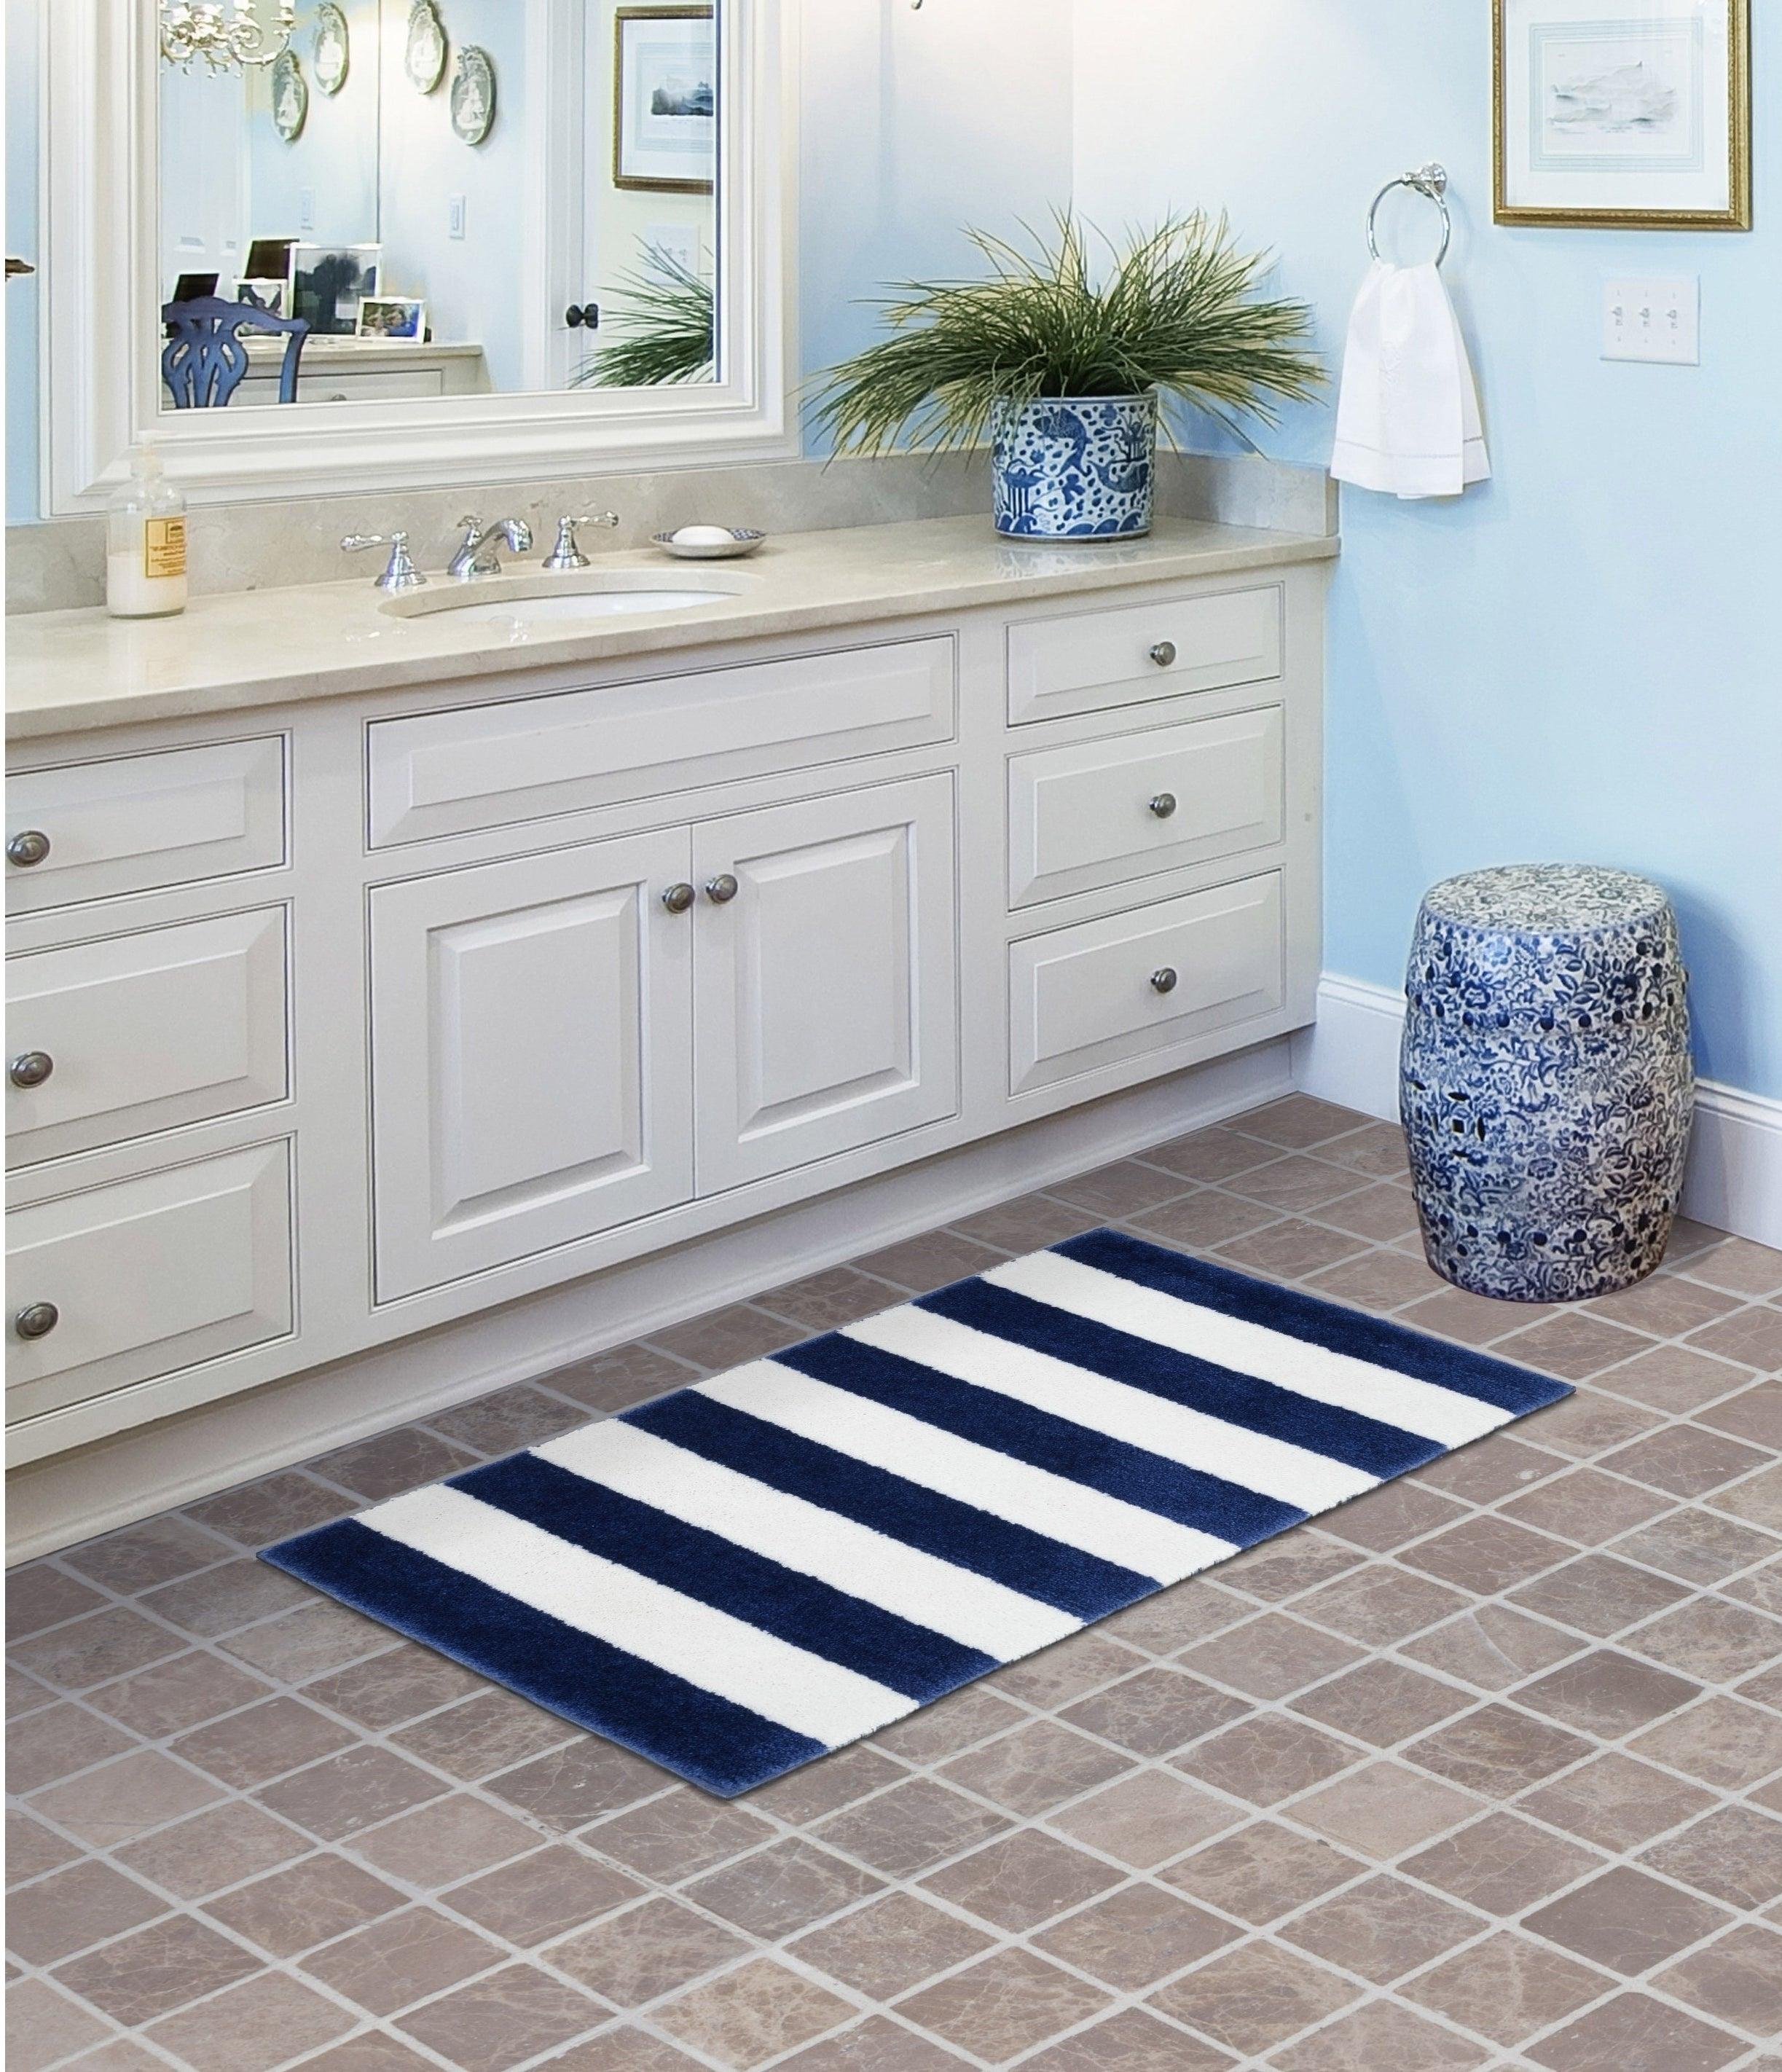 A striped bathroom mat on the floor